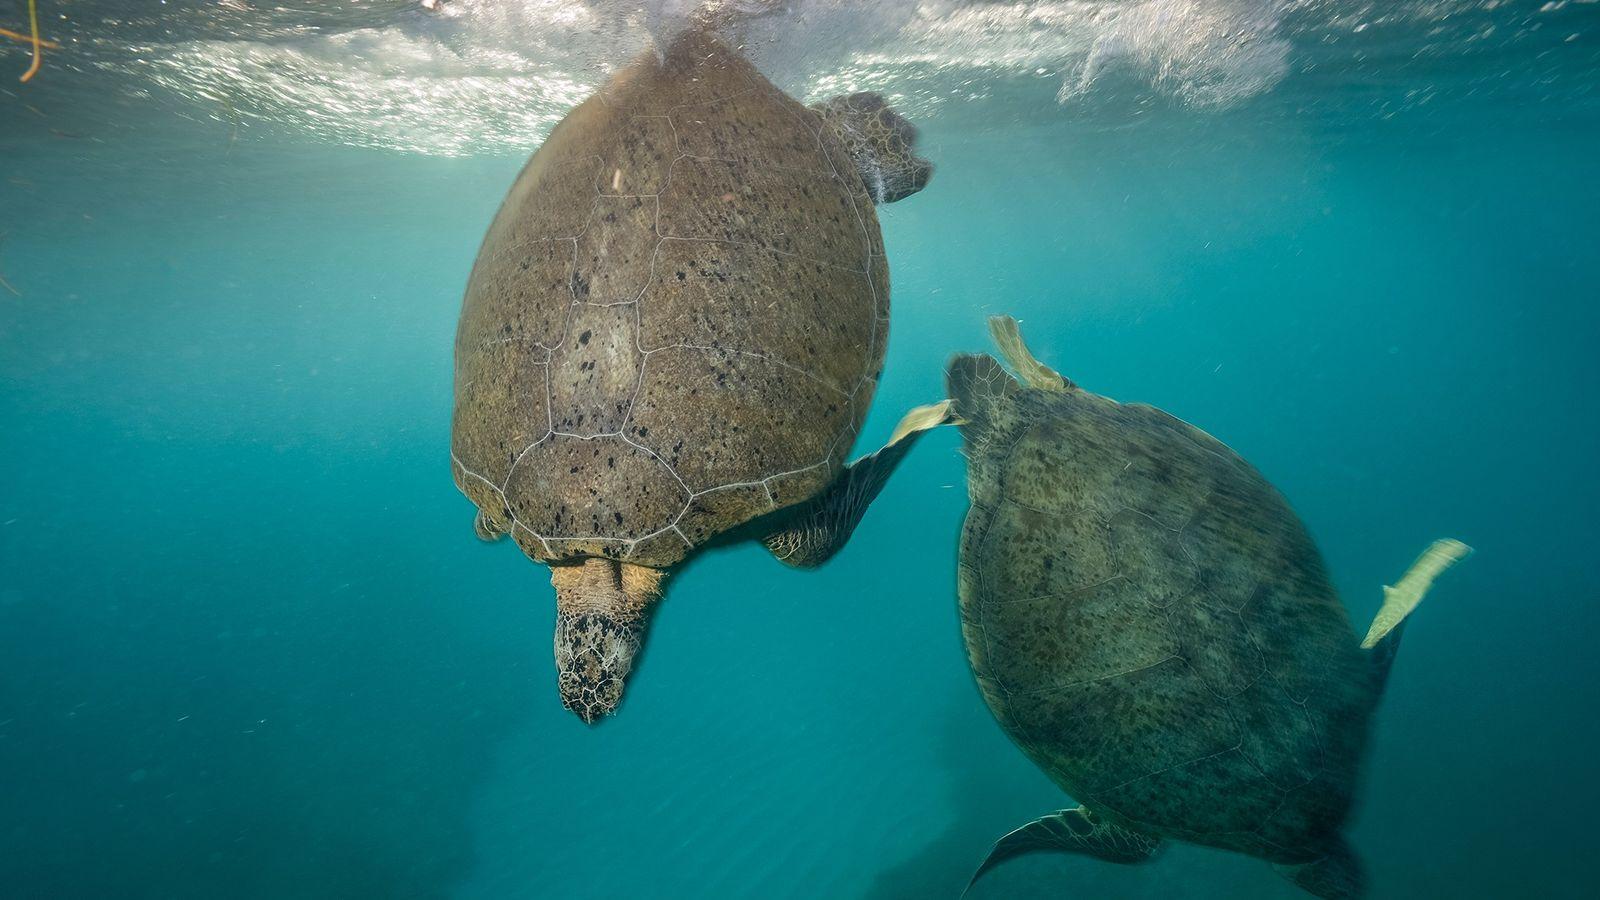 Las tortugas verdes se aparean en las aguas protegidas de la laguna de St. Croix en ...